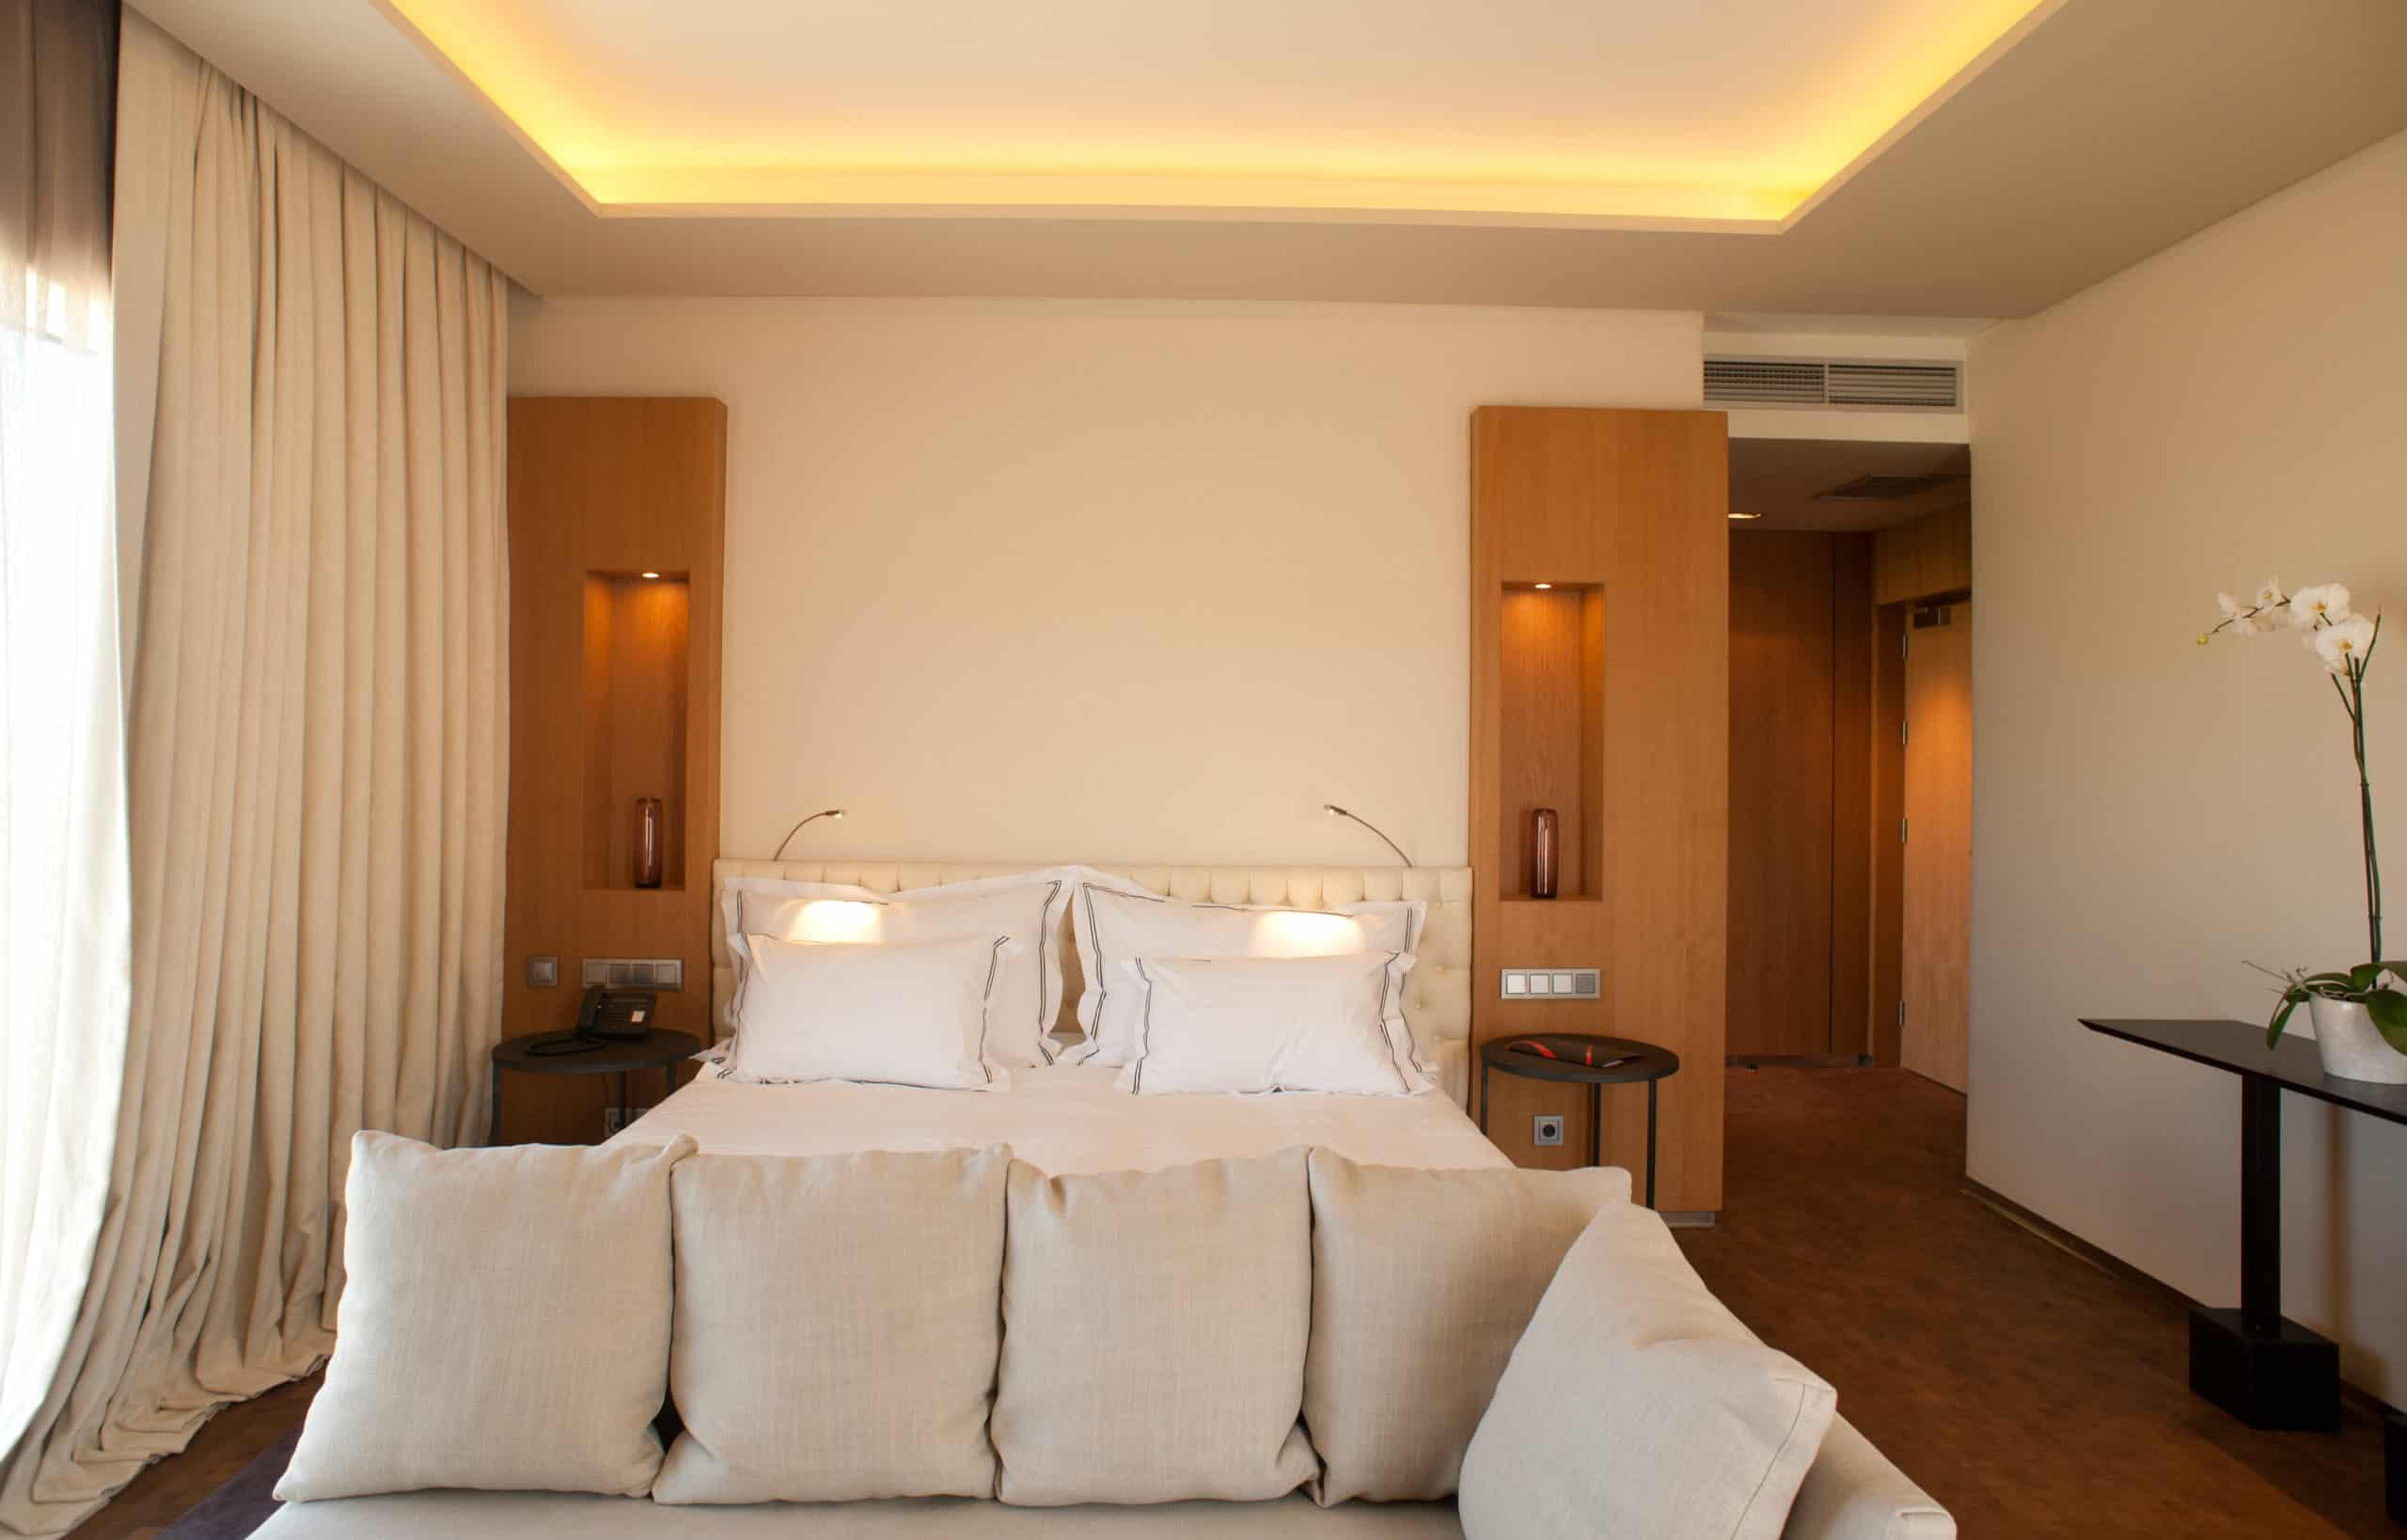 Imagen del equipamiento habitacion hotel Valbusenda